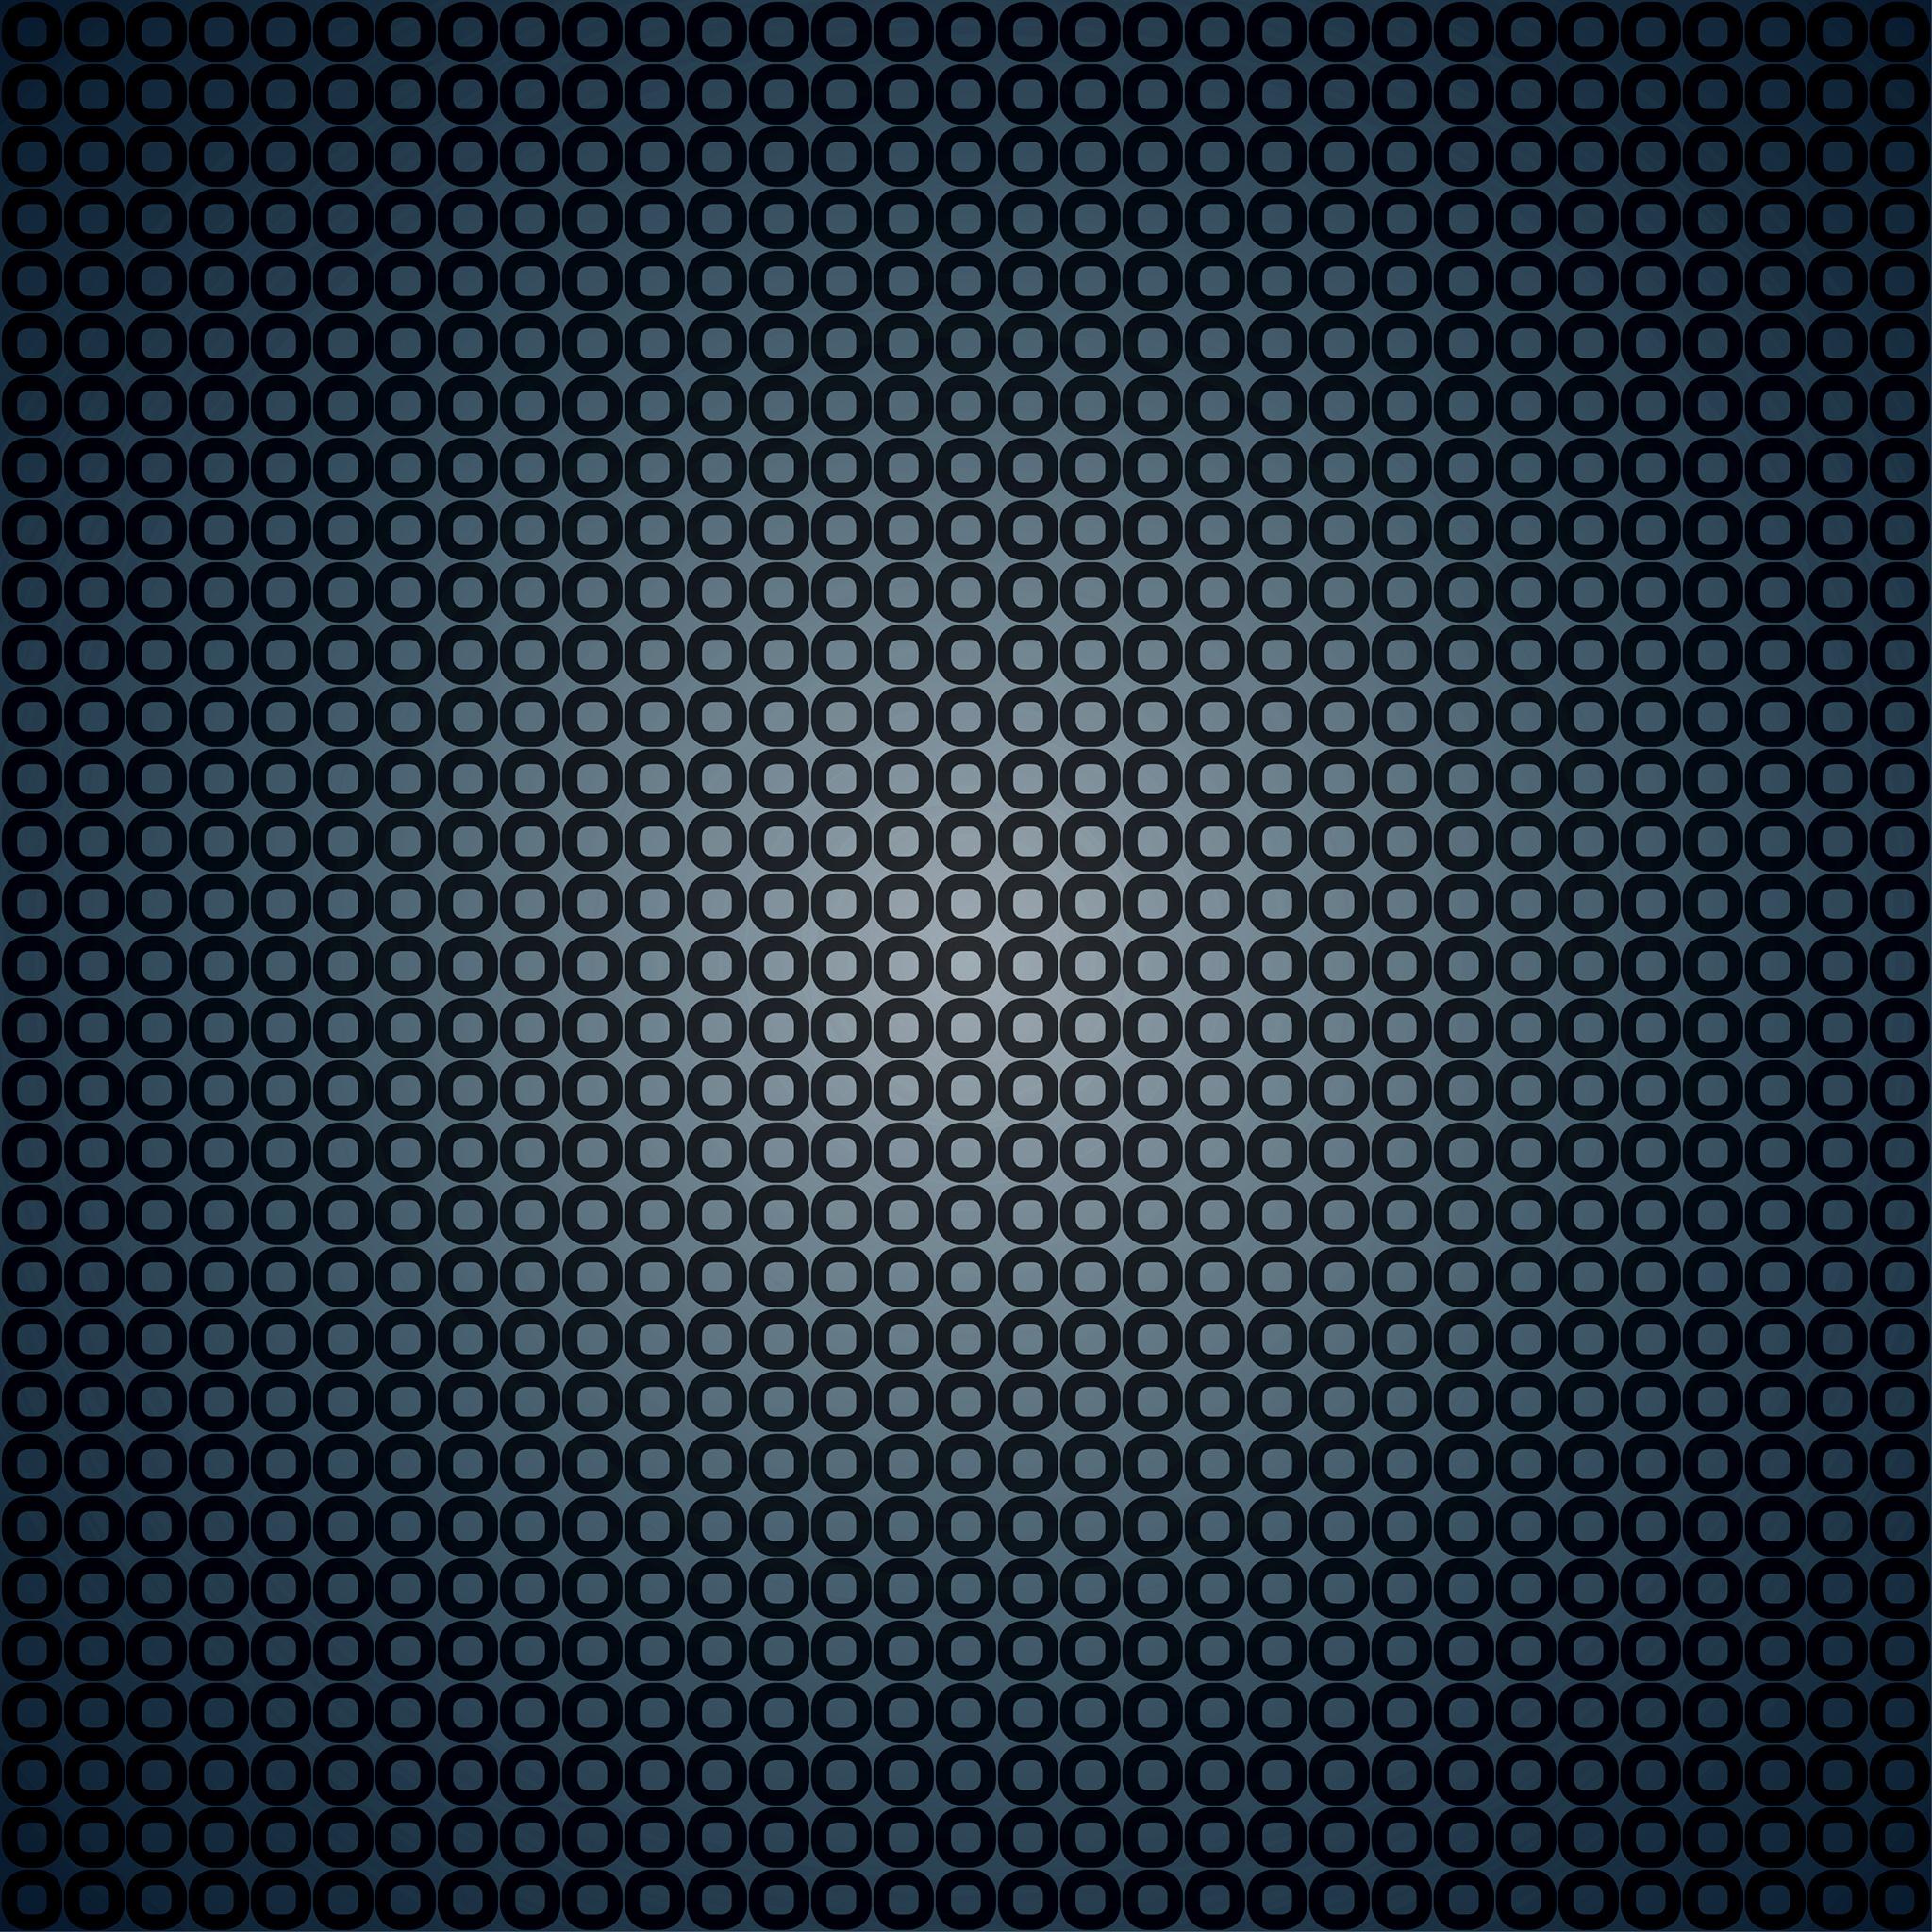 wallpaper hd 15 ipad apple wallpaper hd 2 wallpaper for ipad 2012 hd 2048x2048